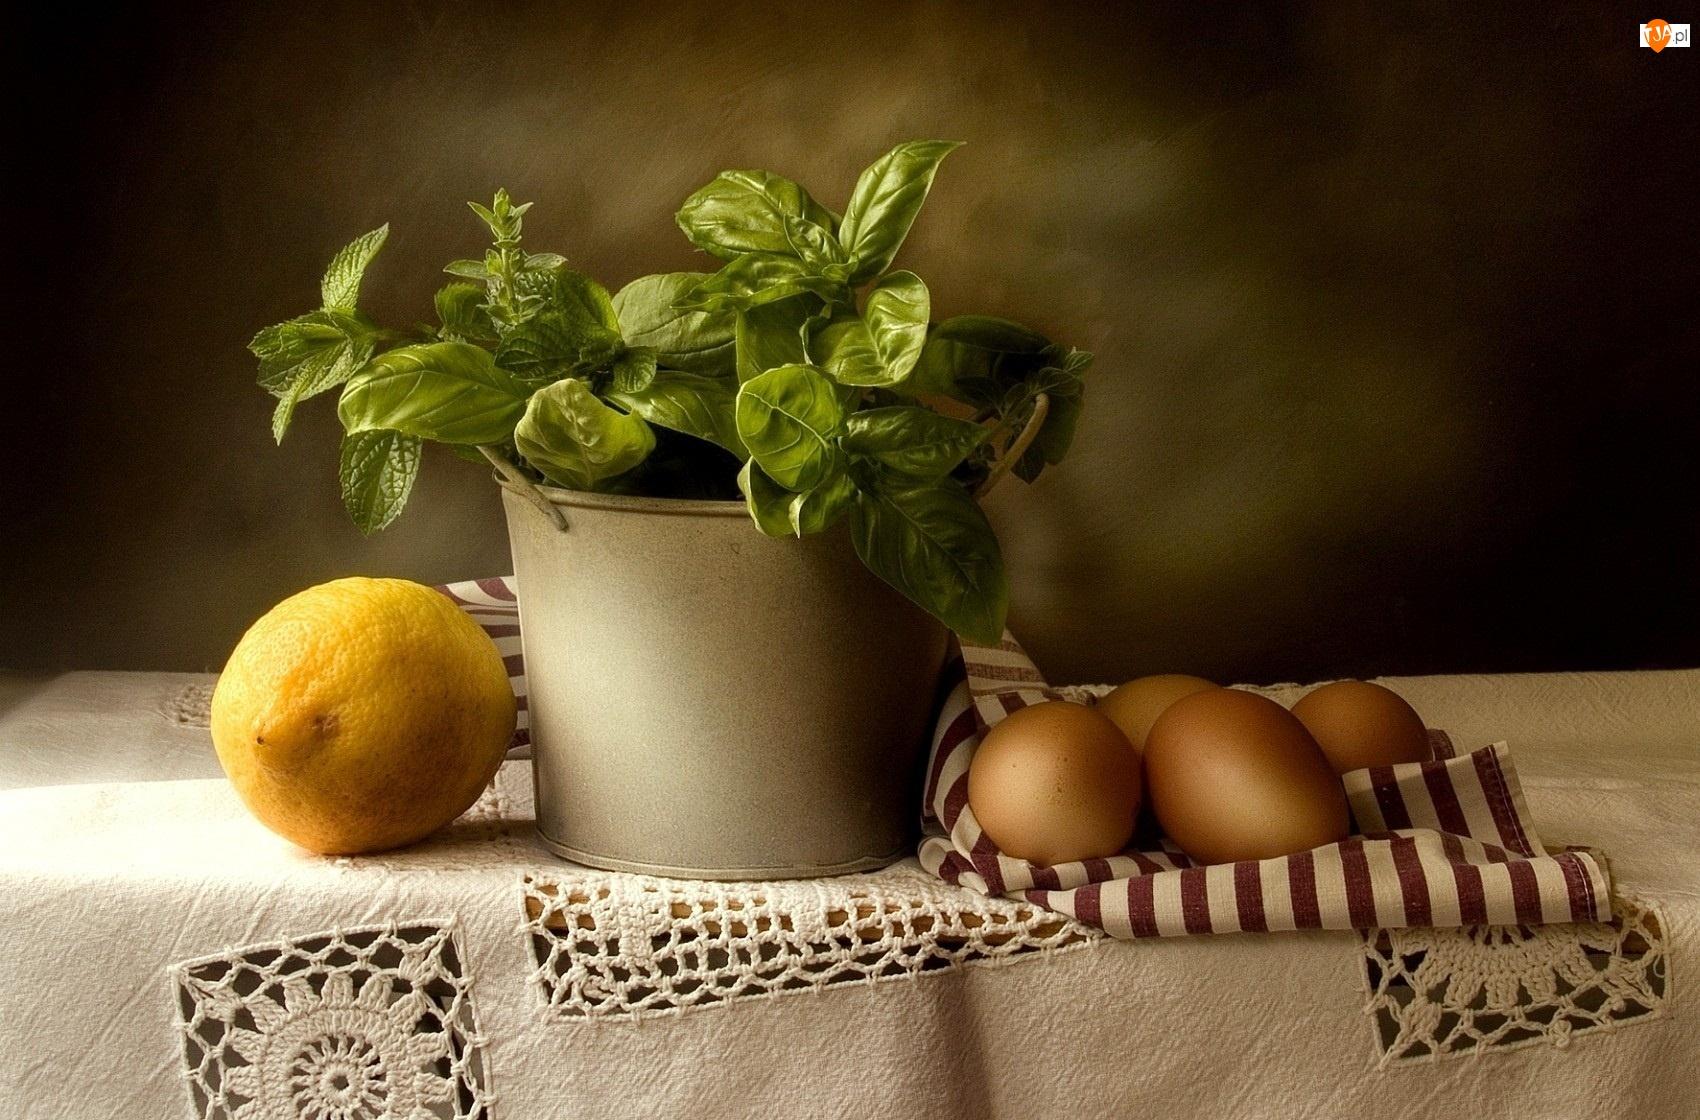 Świeża, Cytryna, Bazylia, Jajka